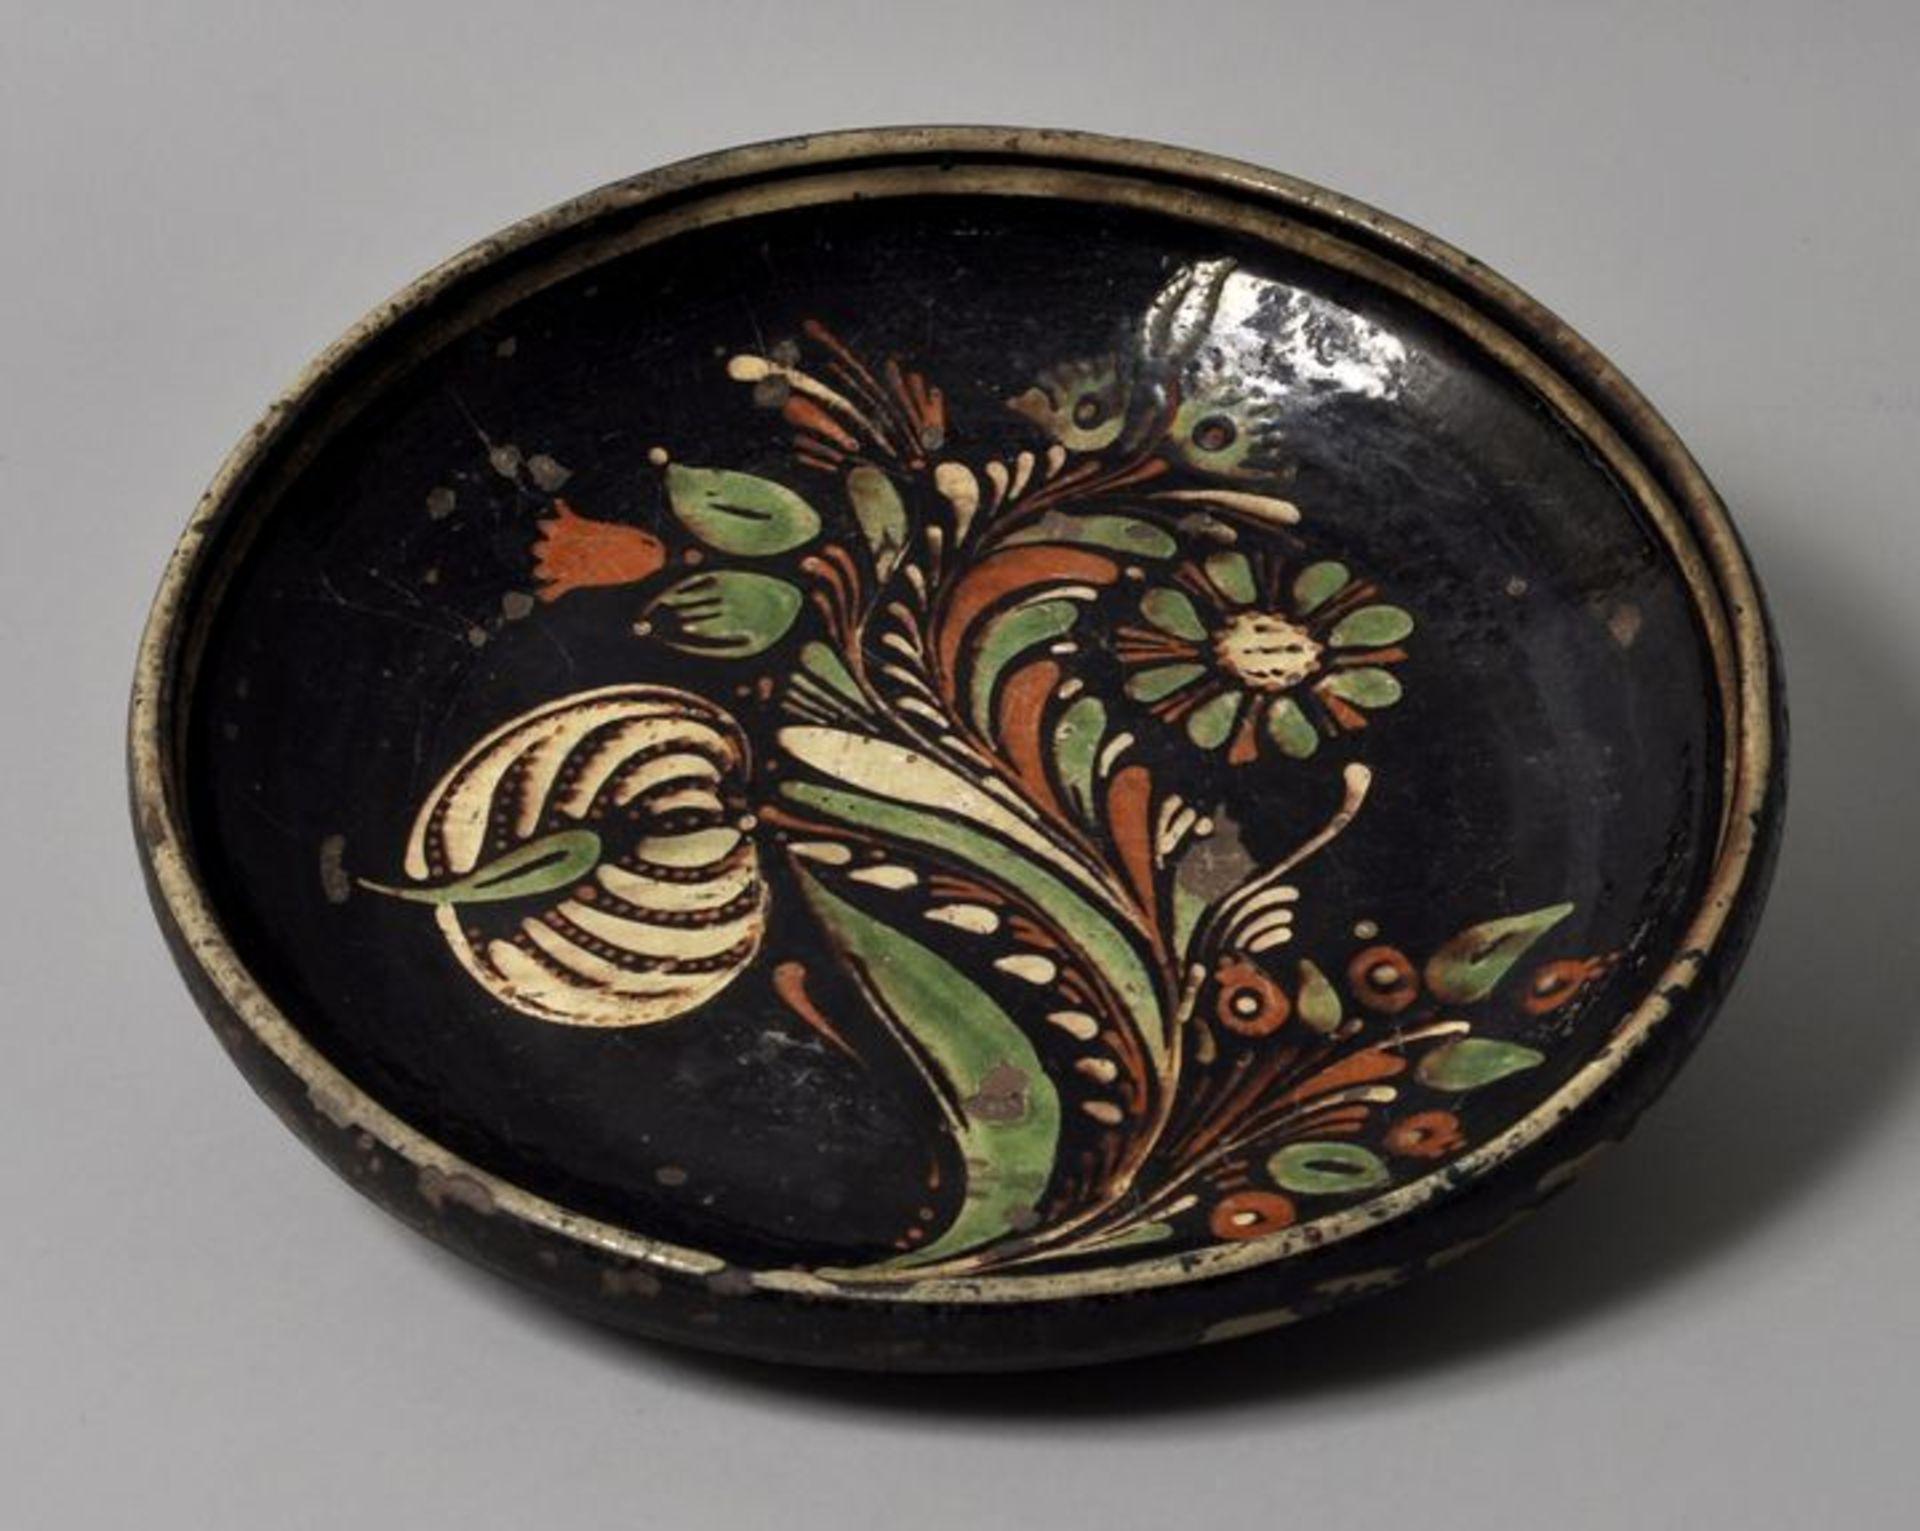 Los 13 - Flache Schale, Sachsen o. Kröning, 19. Jh.Irdenware, floraler Malhorndekor auf schwarzbrauner...